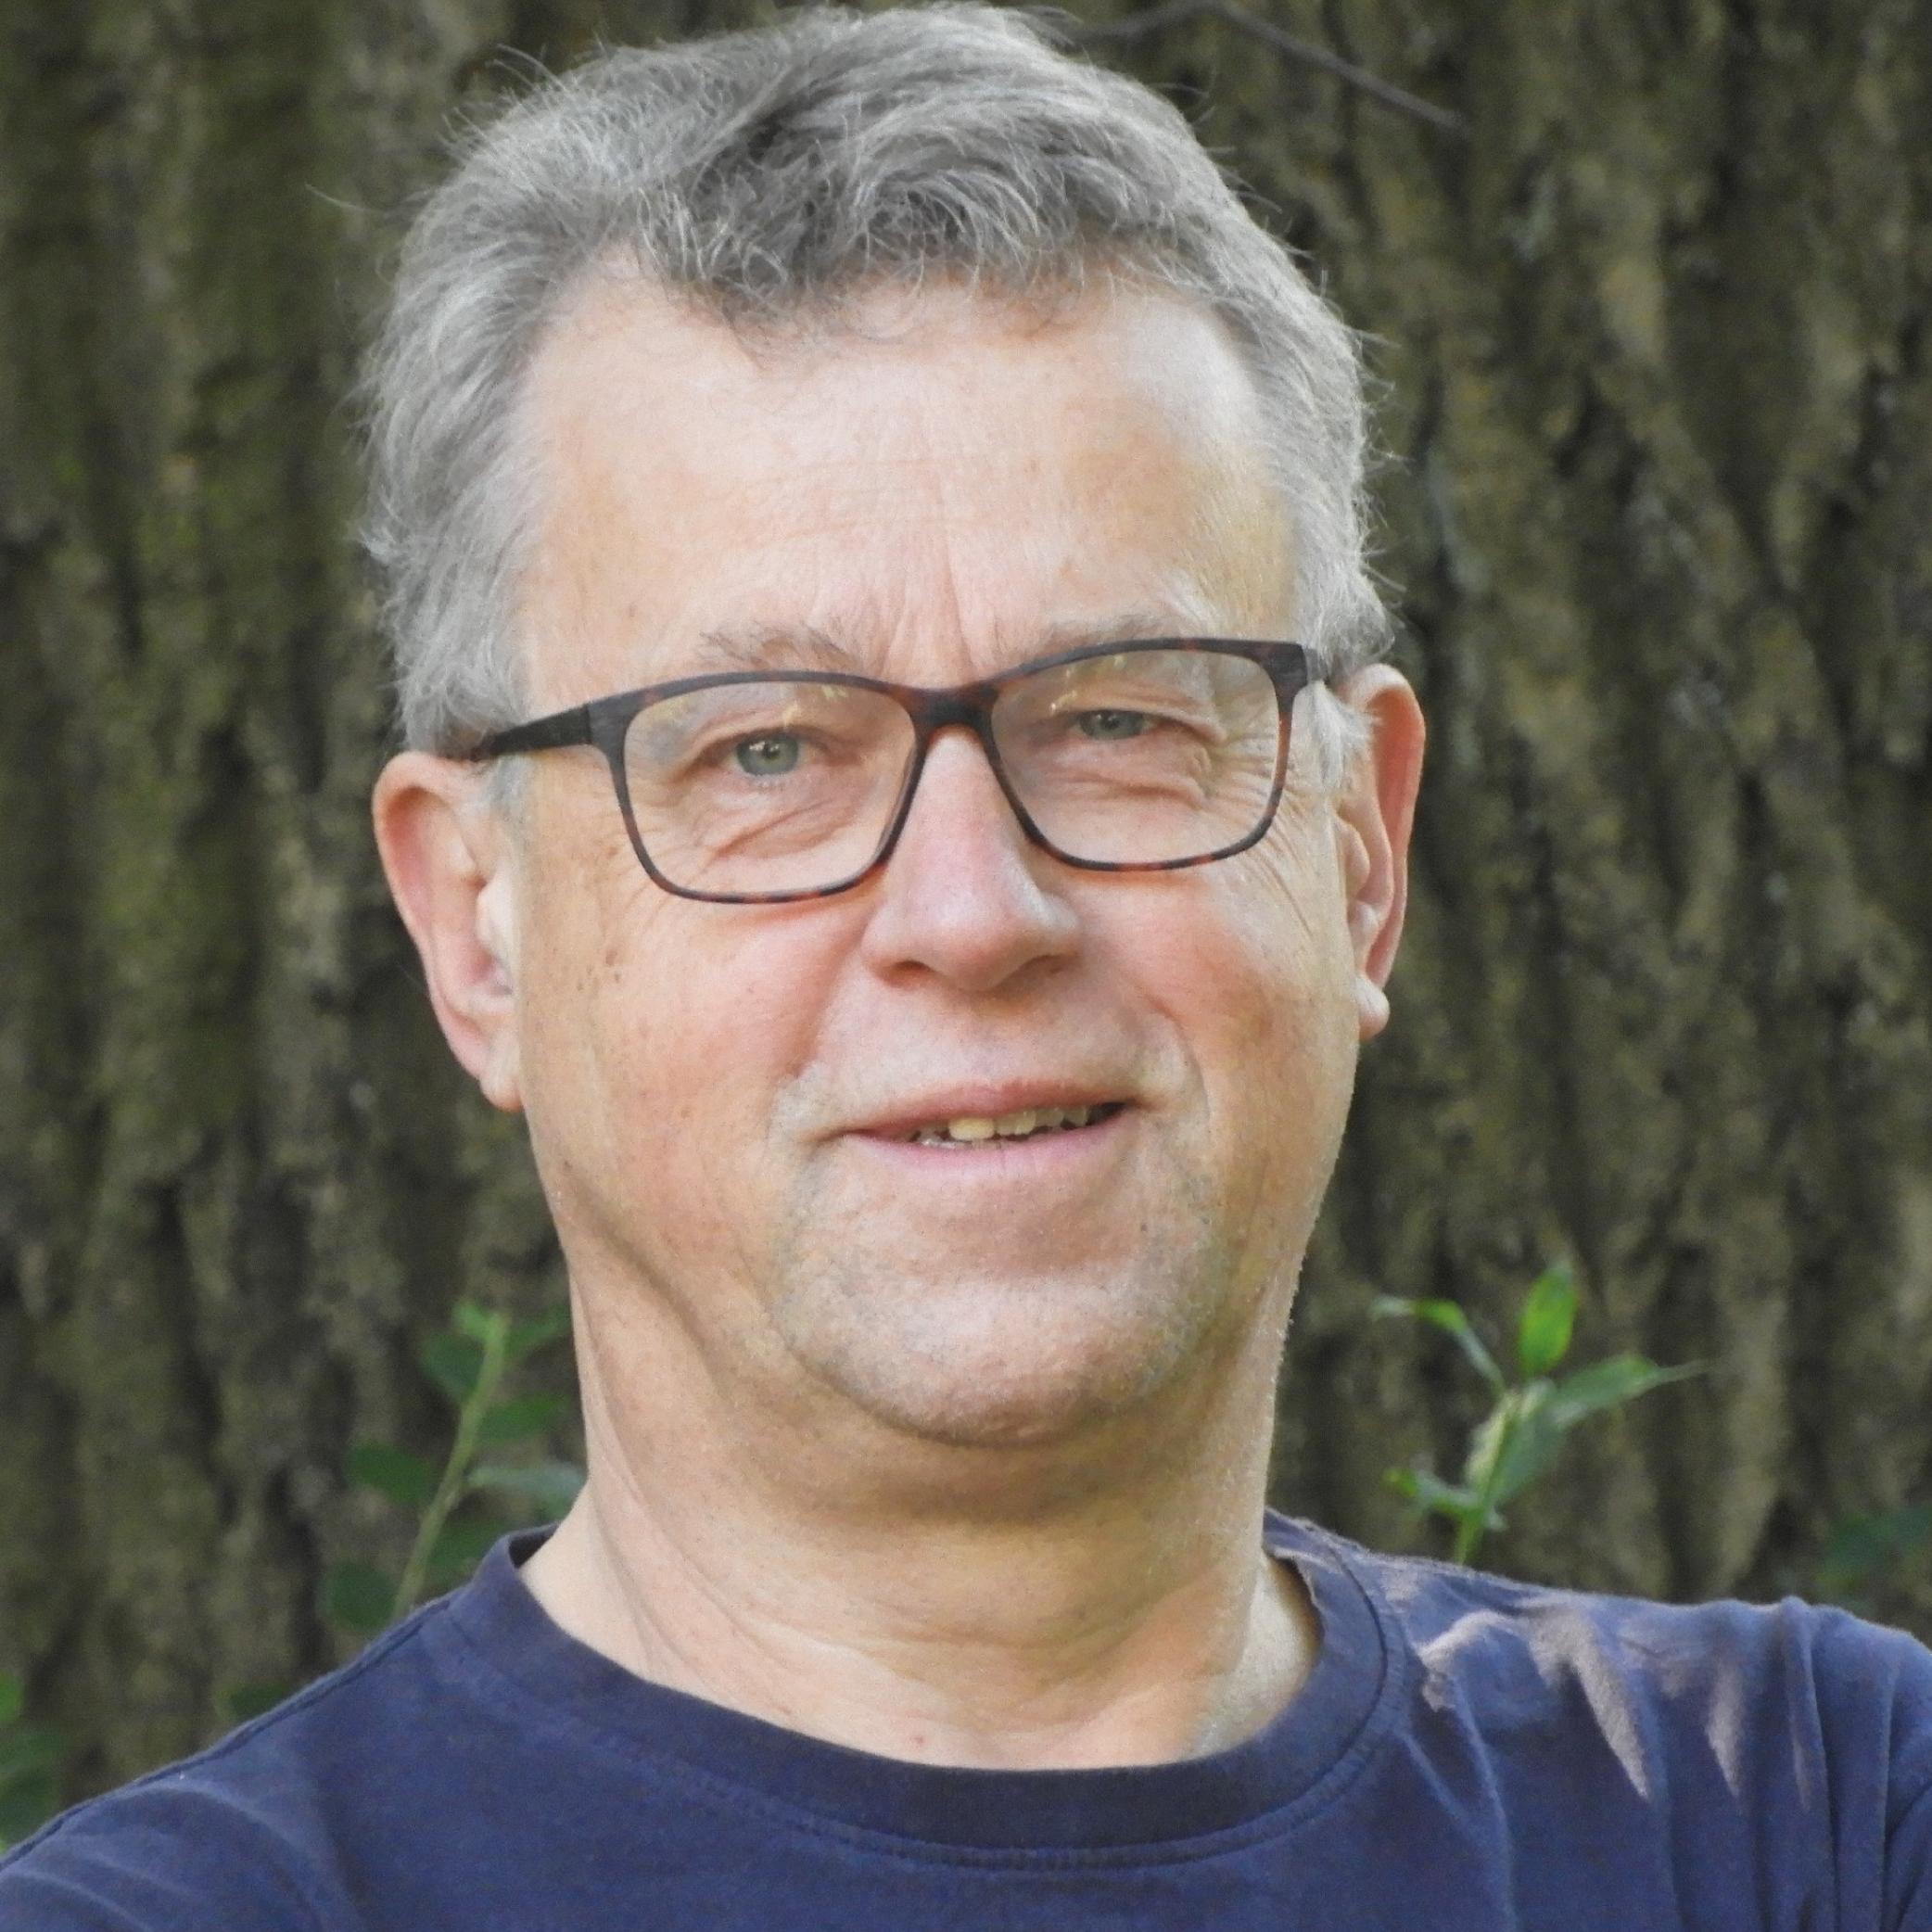 Michael Glotz-Richter